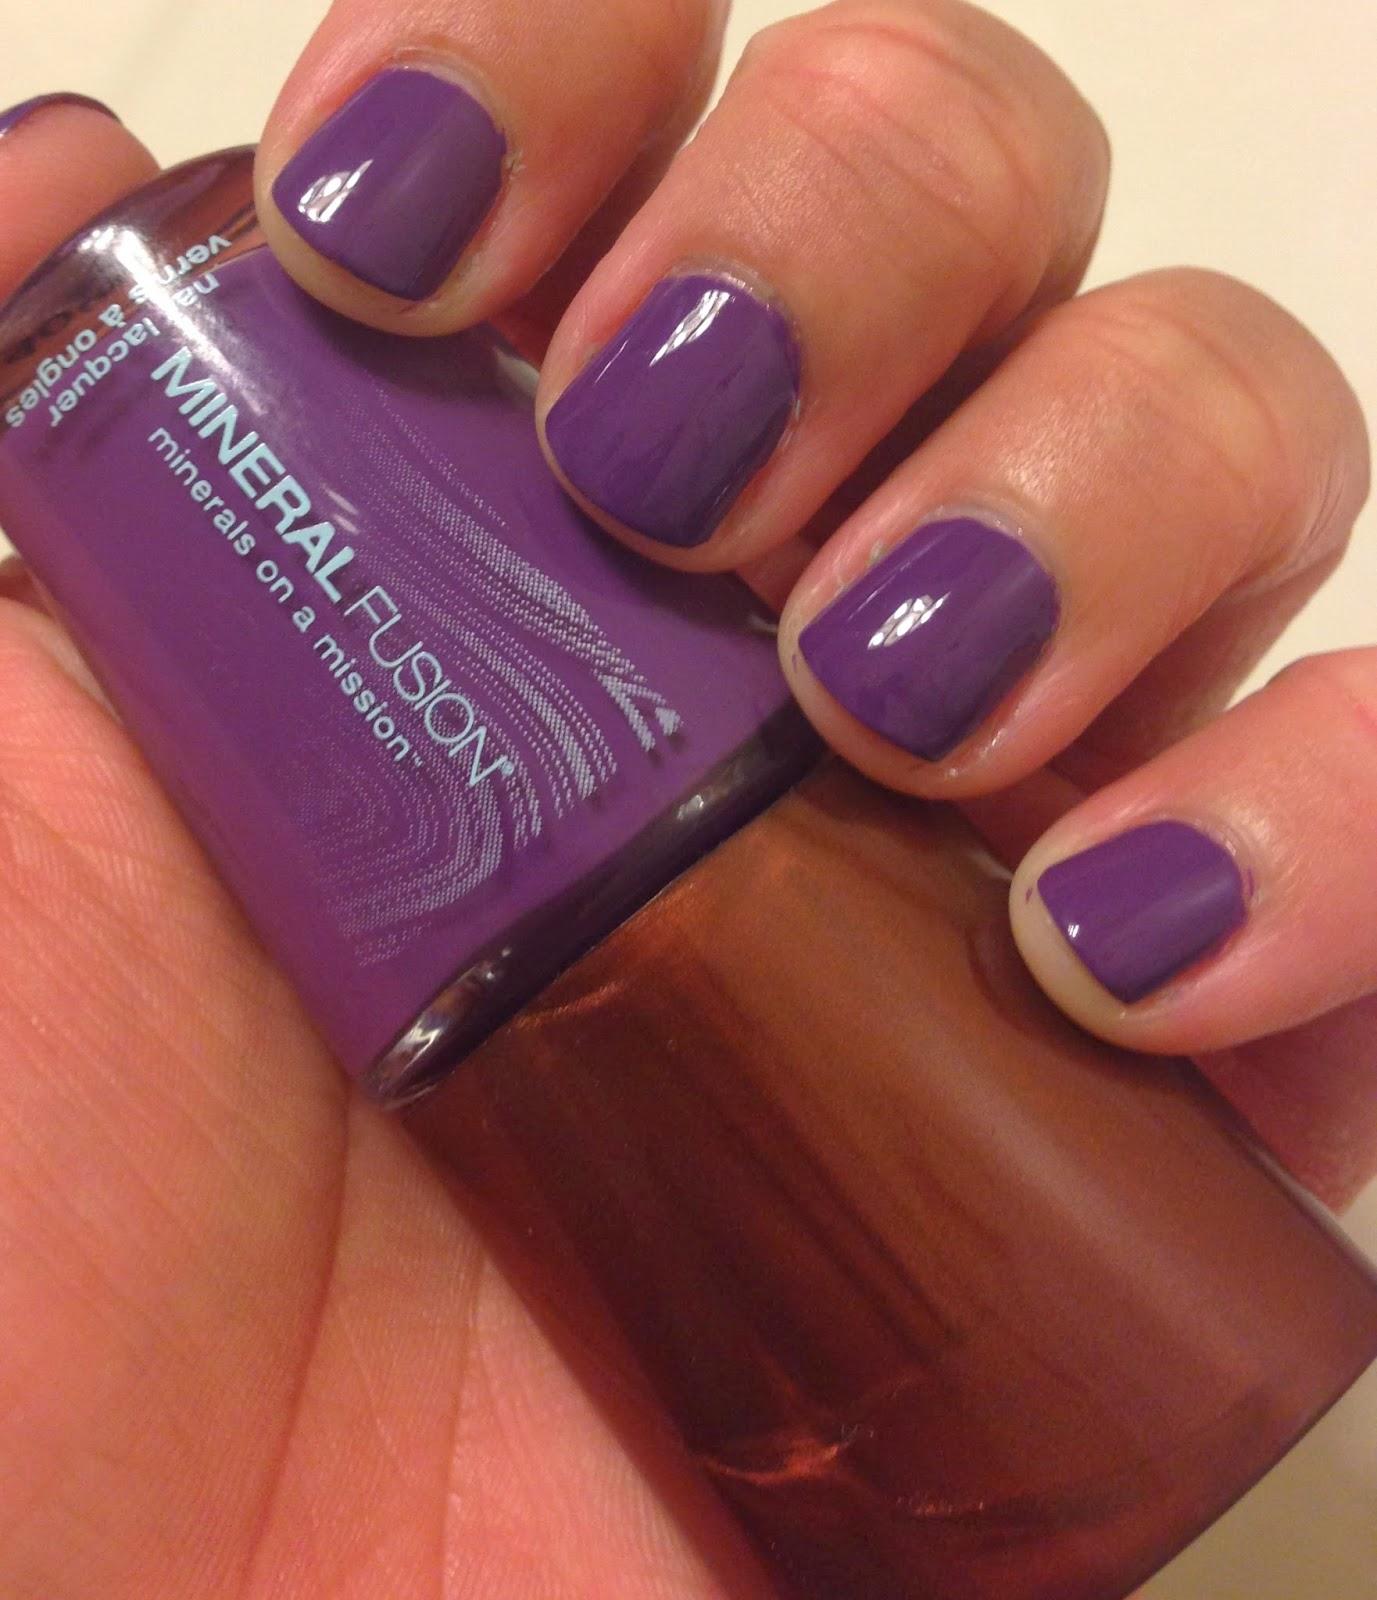 My Beauty Full Blog: Mineral Fusion Nail Polish